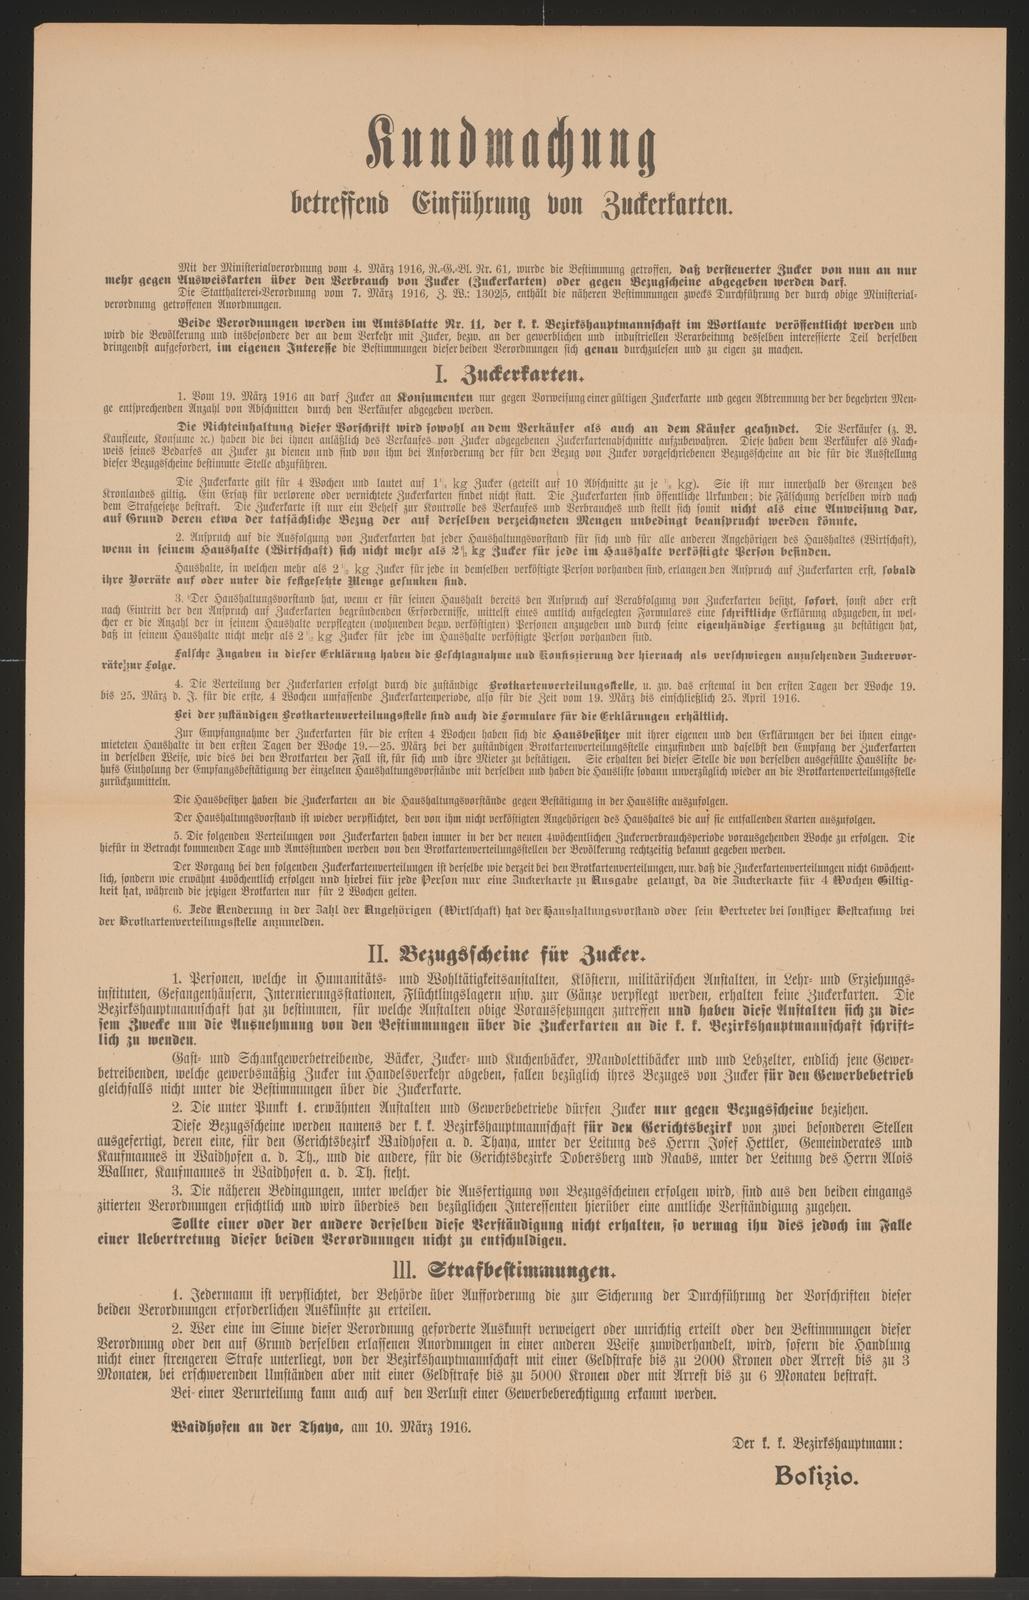 100 Jahre alt London Umgebung Behörden Finanzen Klubs 2 Karten Text Original ü